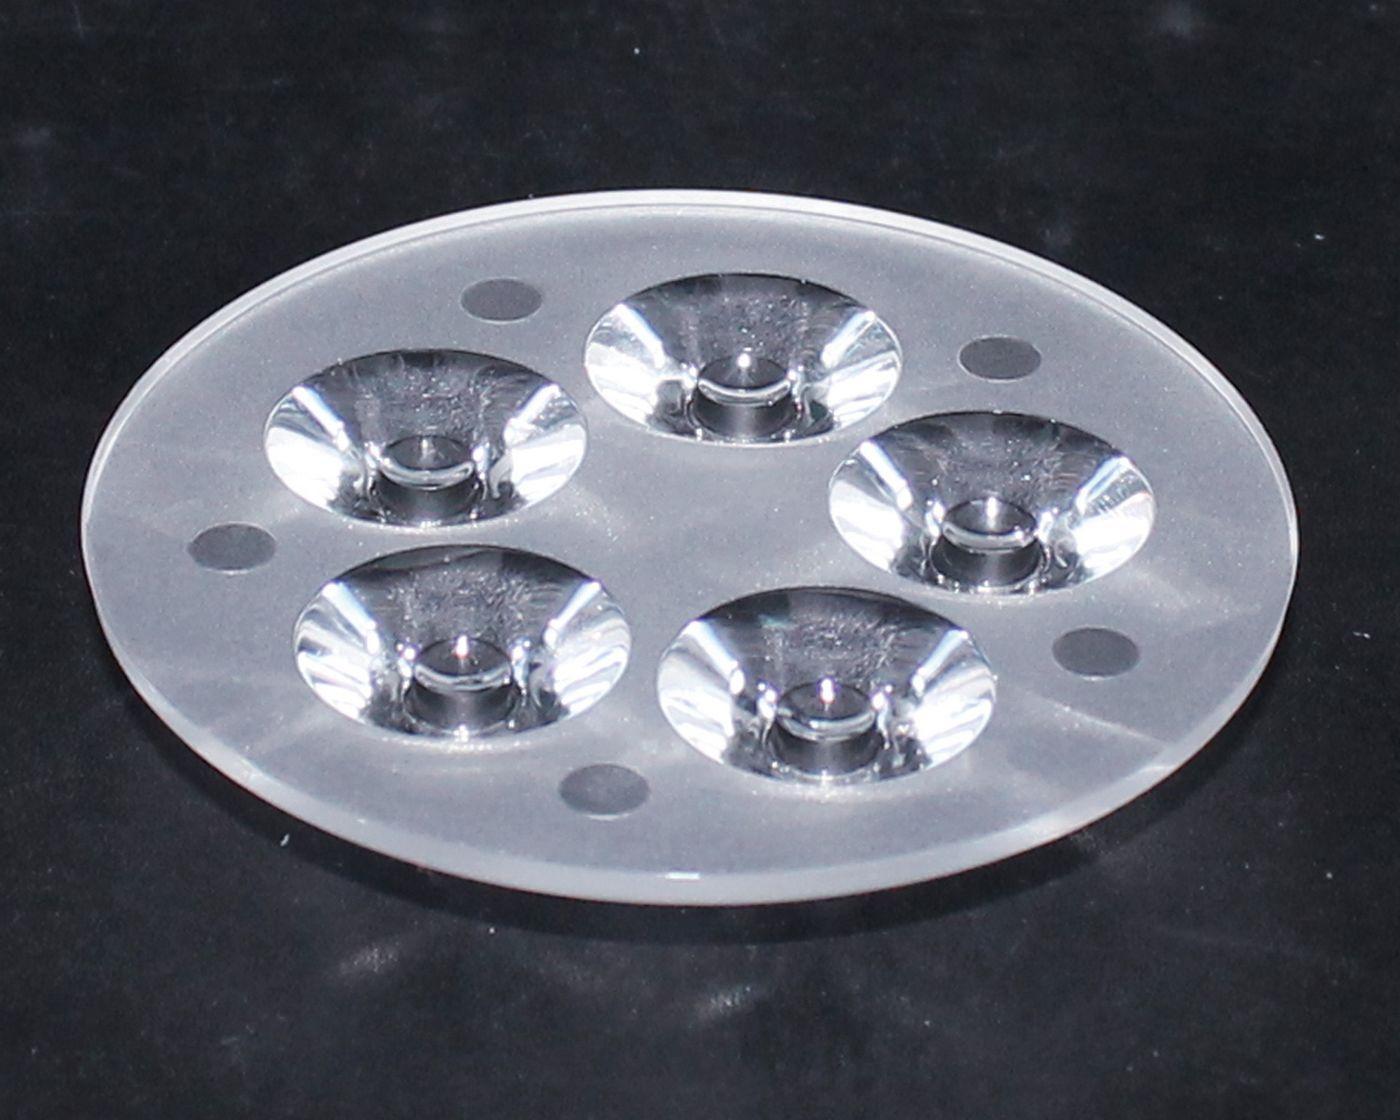 led透镜,大功率透镜,连体天花灯透镜,XJ-100-7*1带脚光